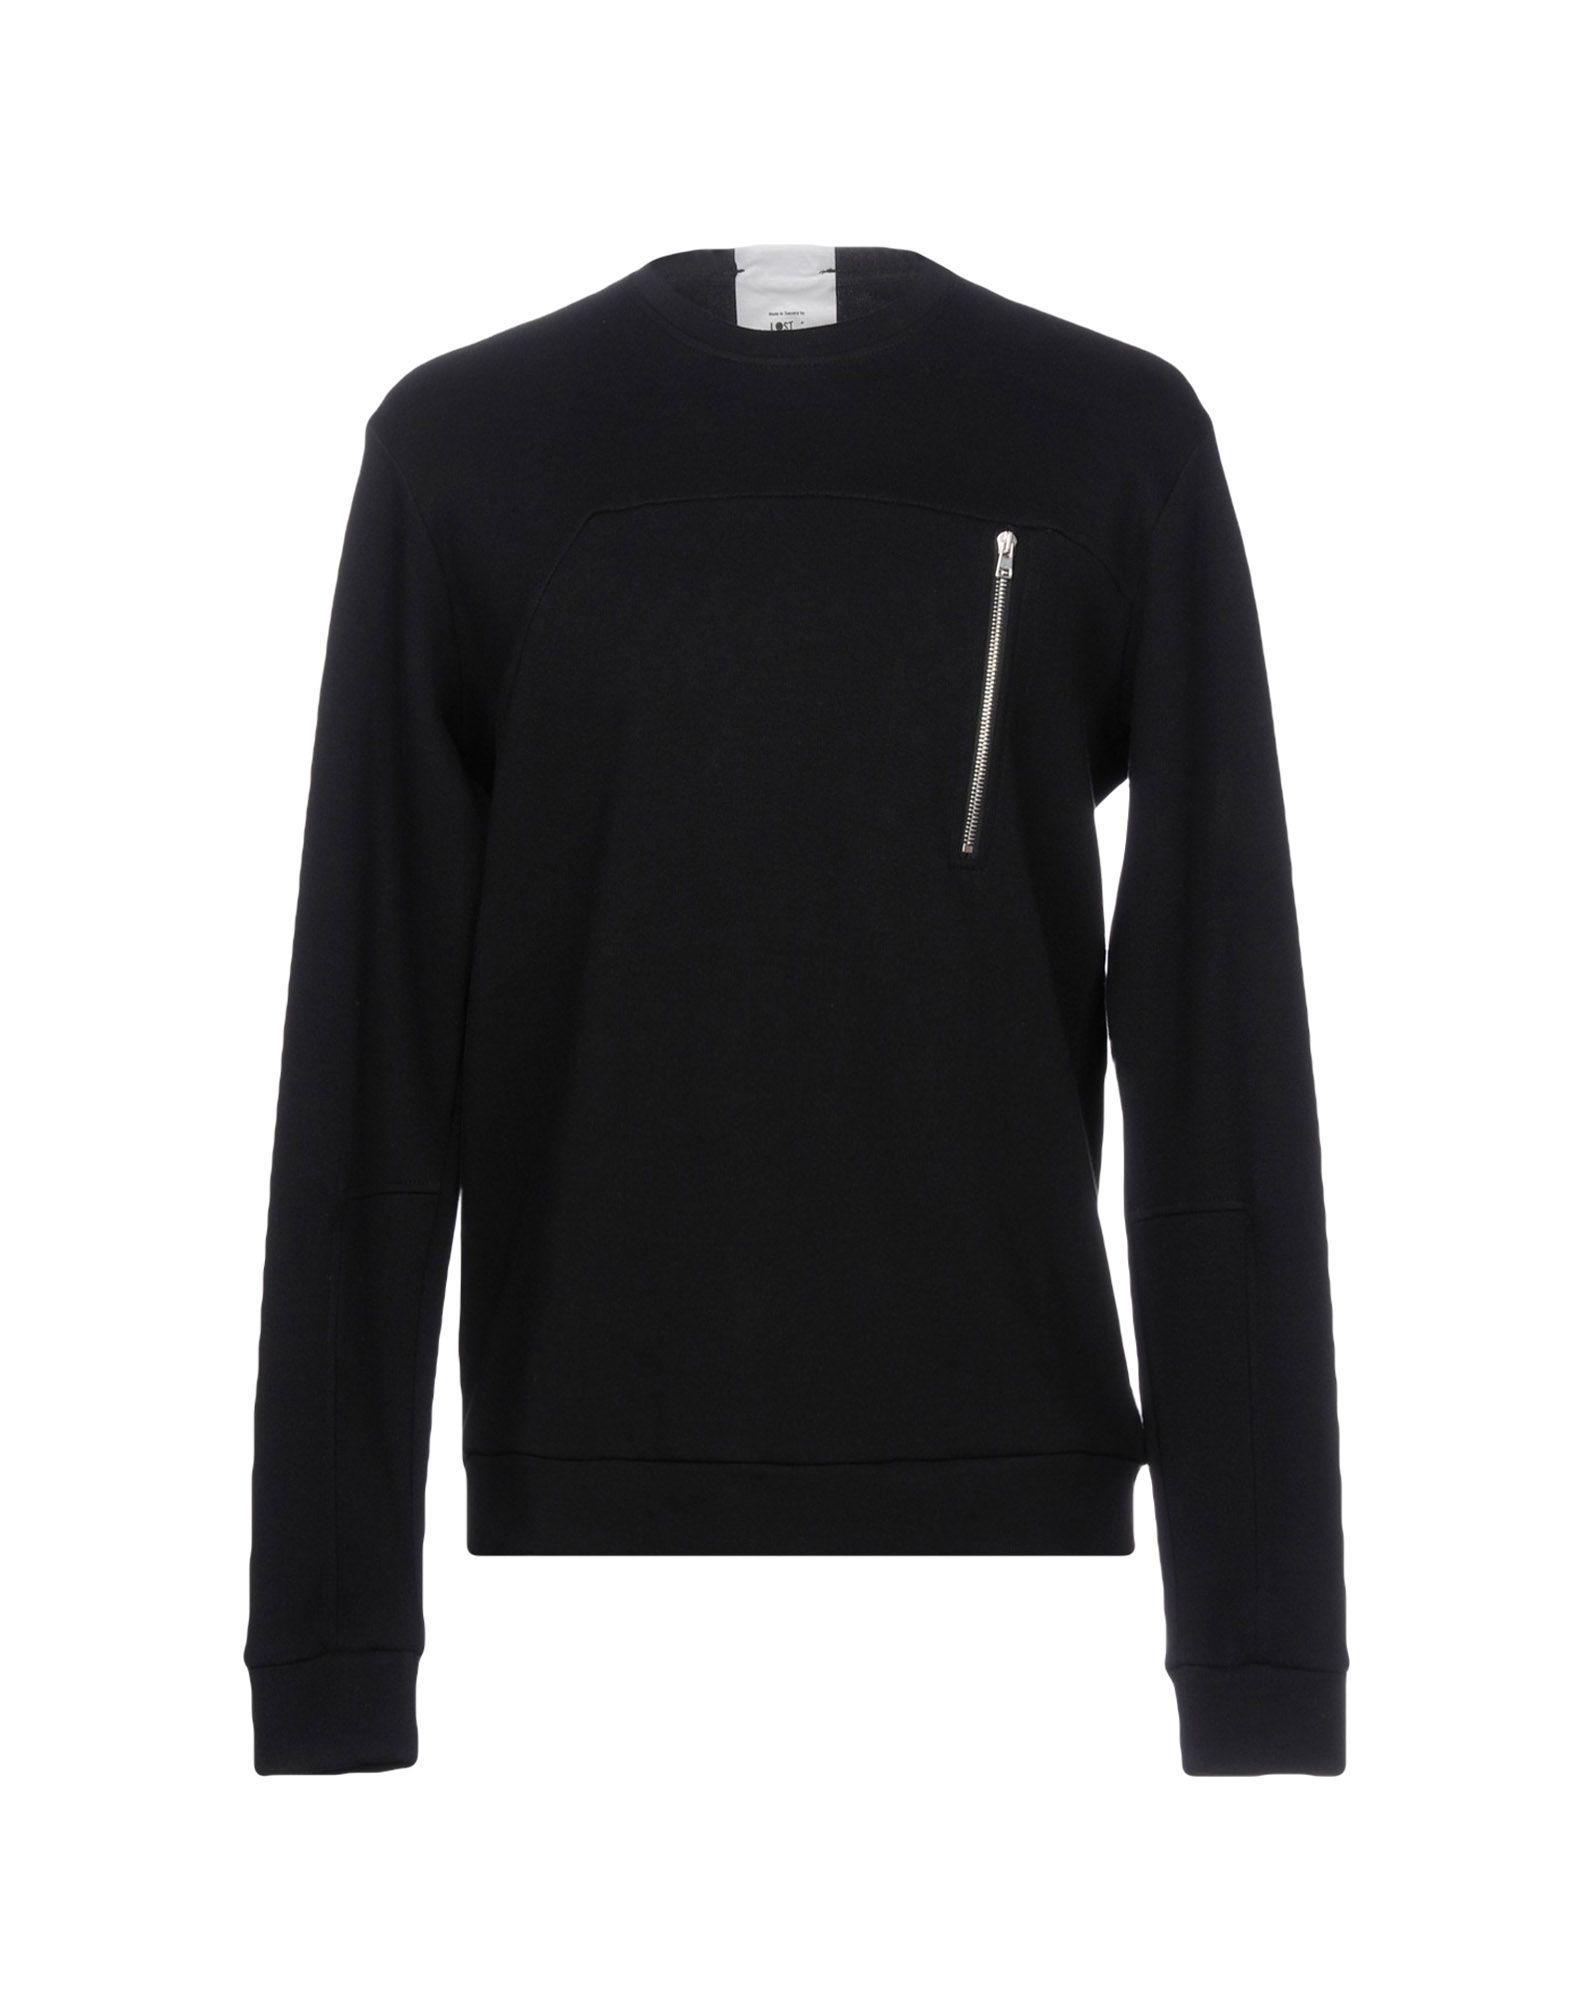 Lost & Found Sweatshirts In Black